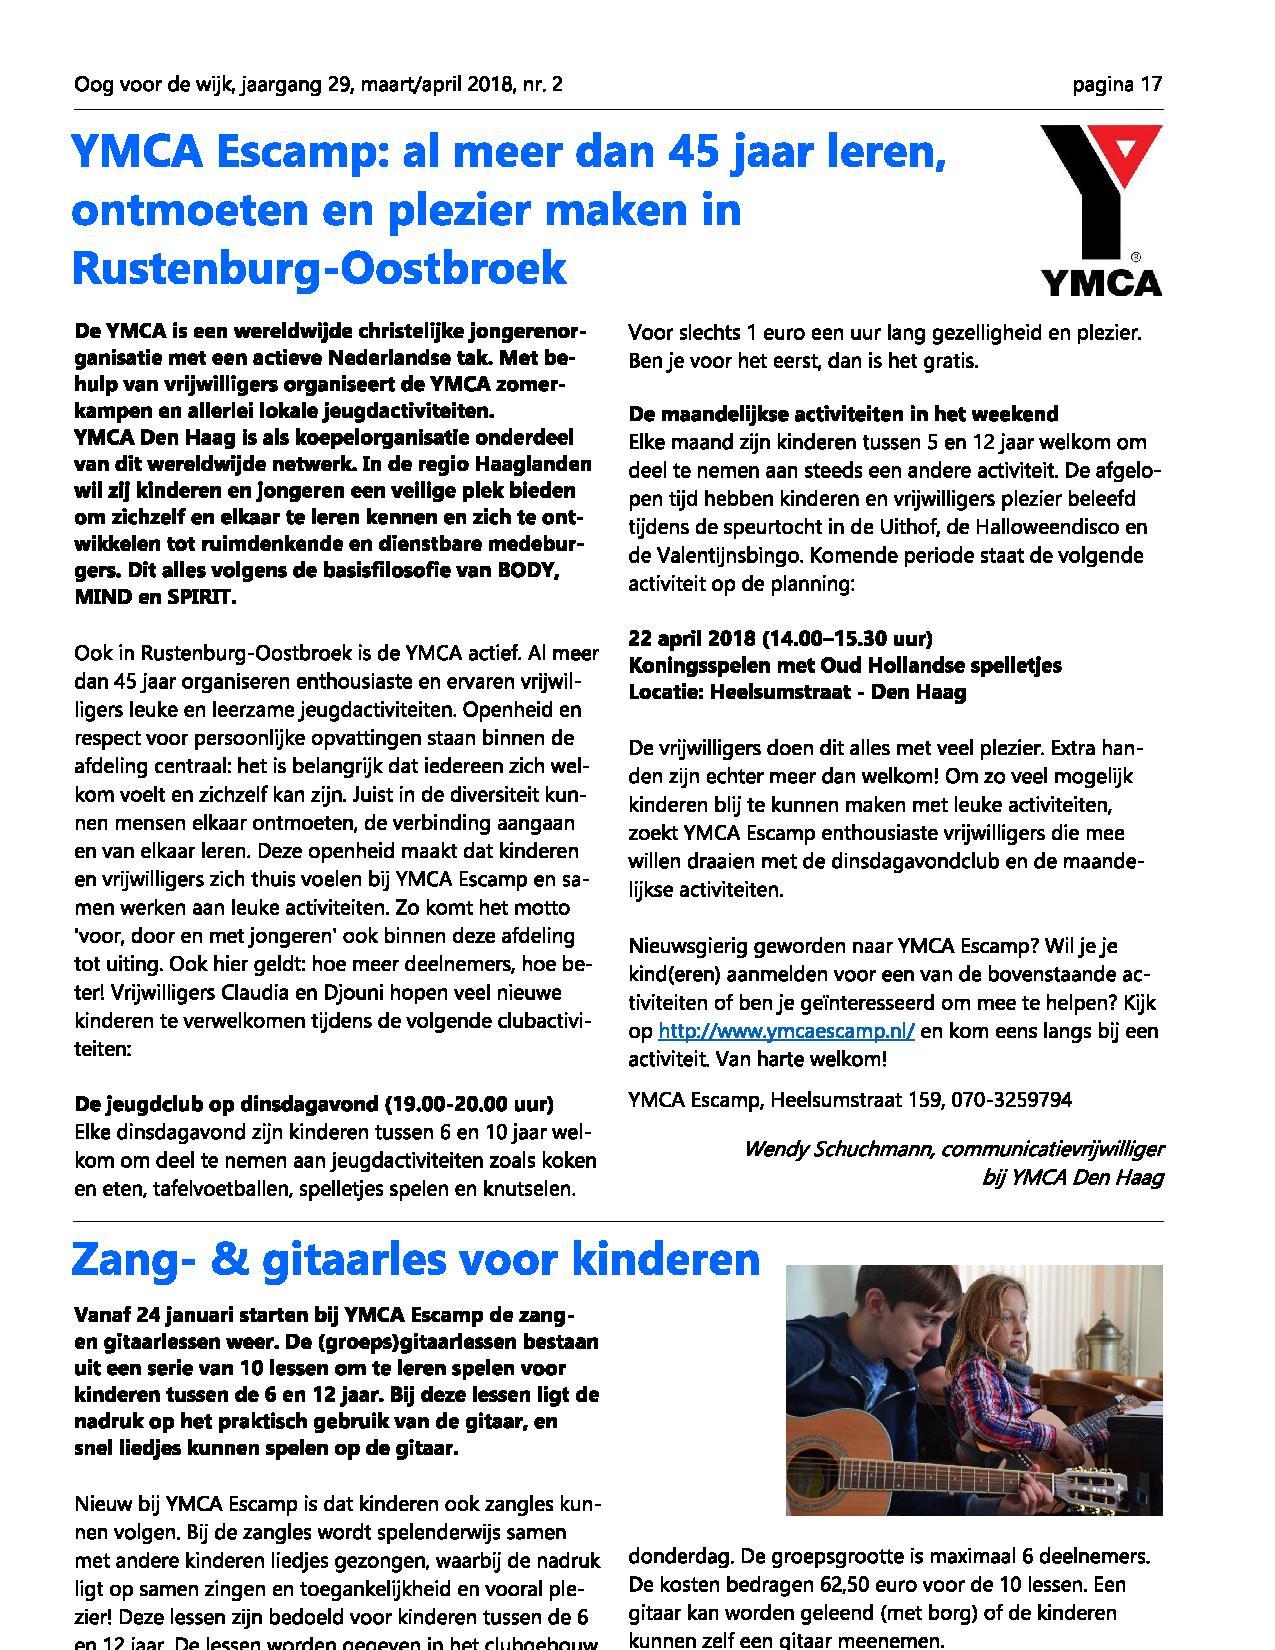 New YMCA Escamp in Oog in de Wijk | YMCA Den Haag &US41